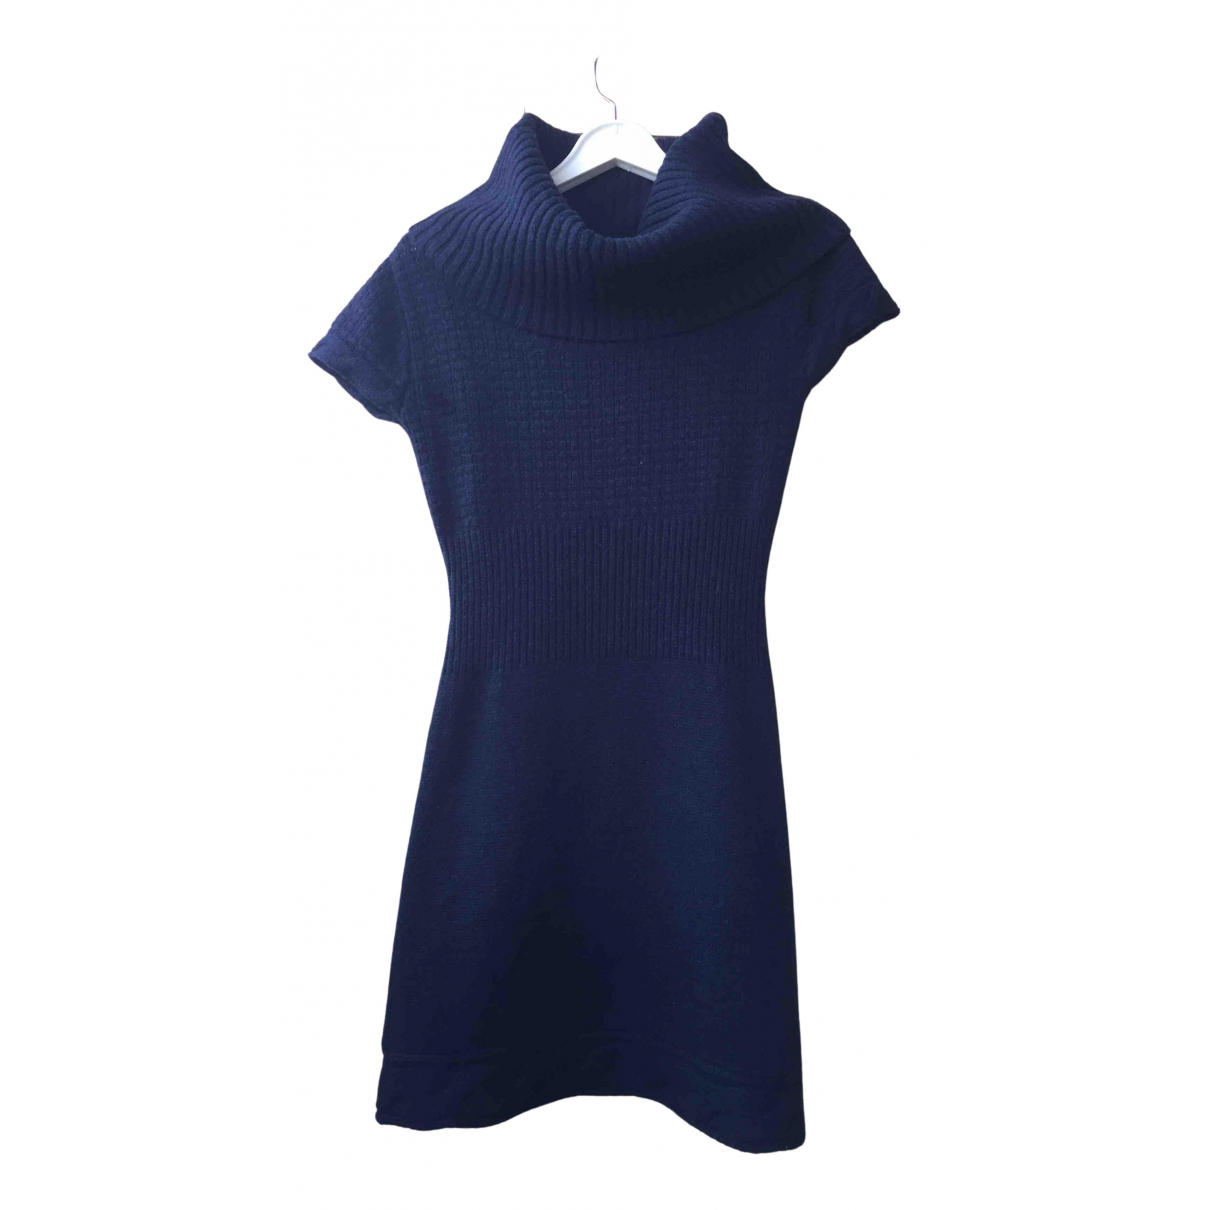 Gant \N Kleid in  Blau Kaschmir